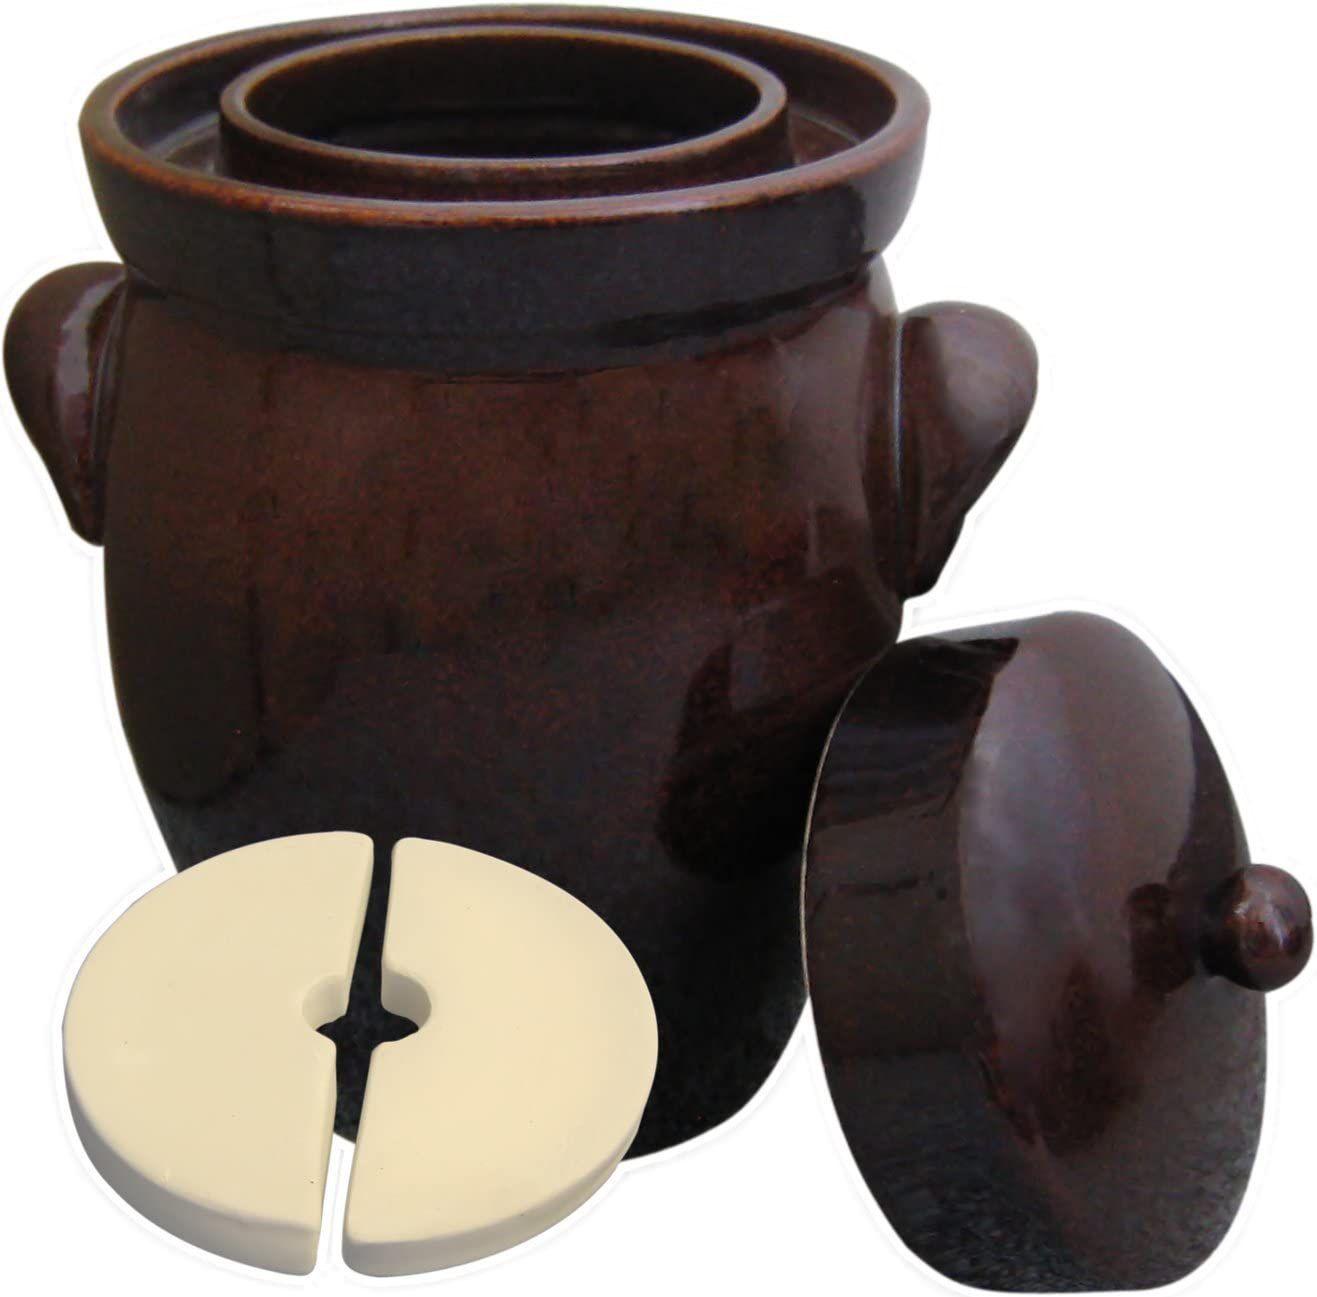 Kerazo 5-Liter German Fermenting Crock